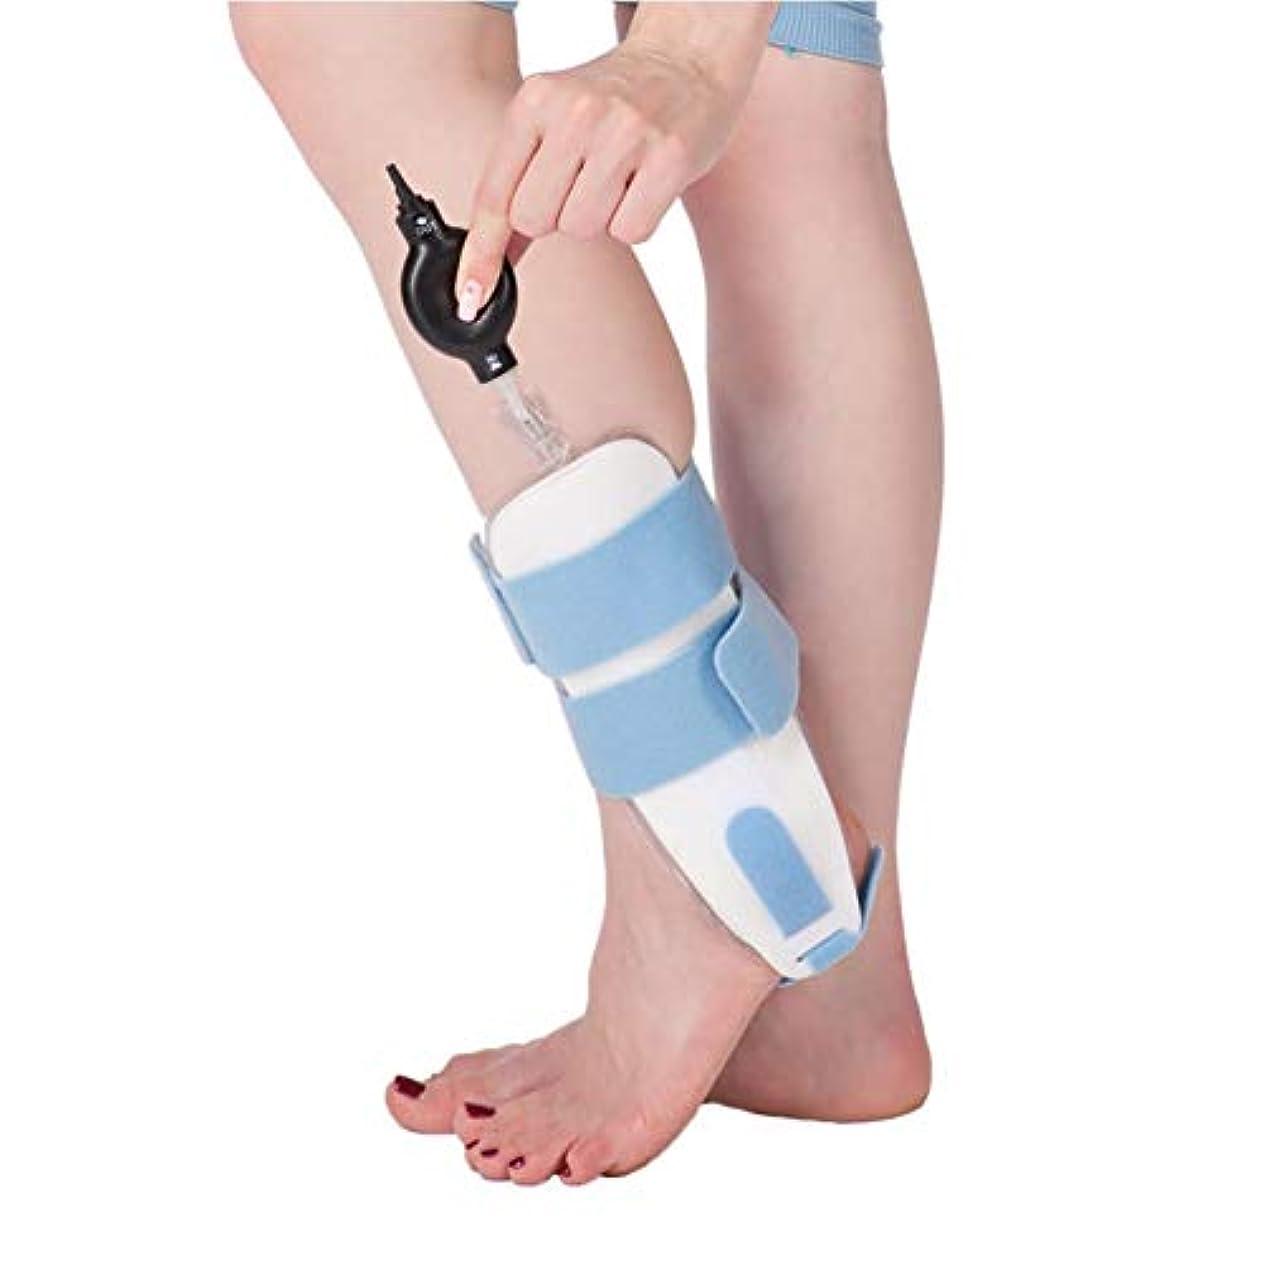 剥離結び目効果足首の装具の膨脹可能な足首の保護装置は石膏の足の捻rainの固定副木を取り替えることができます